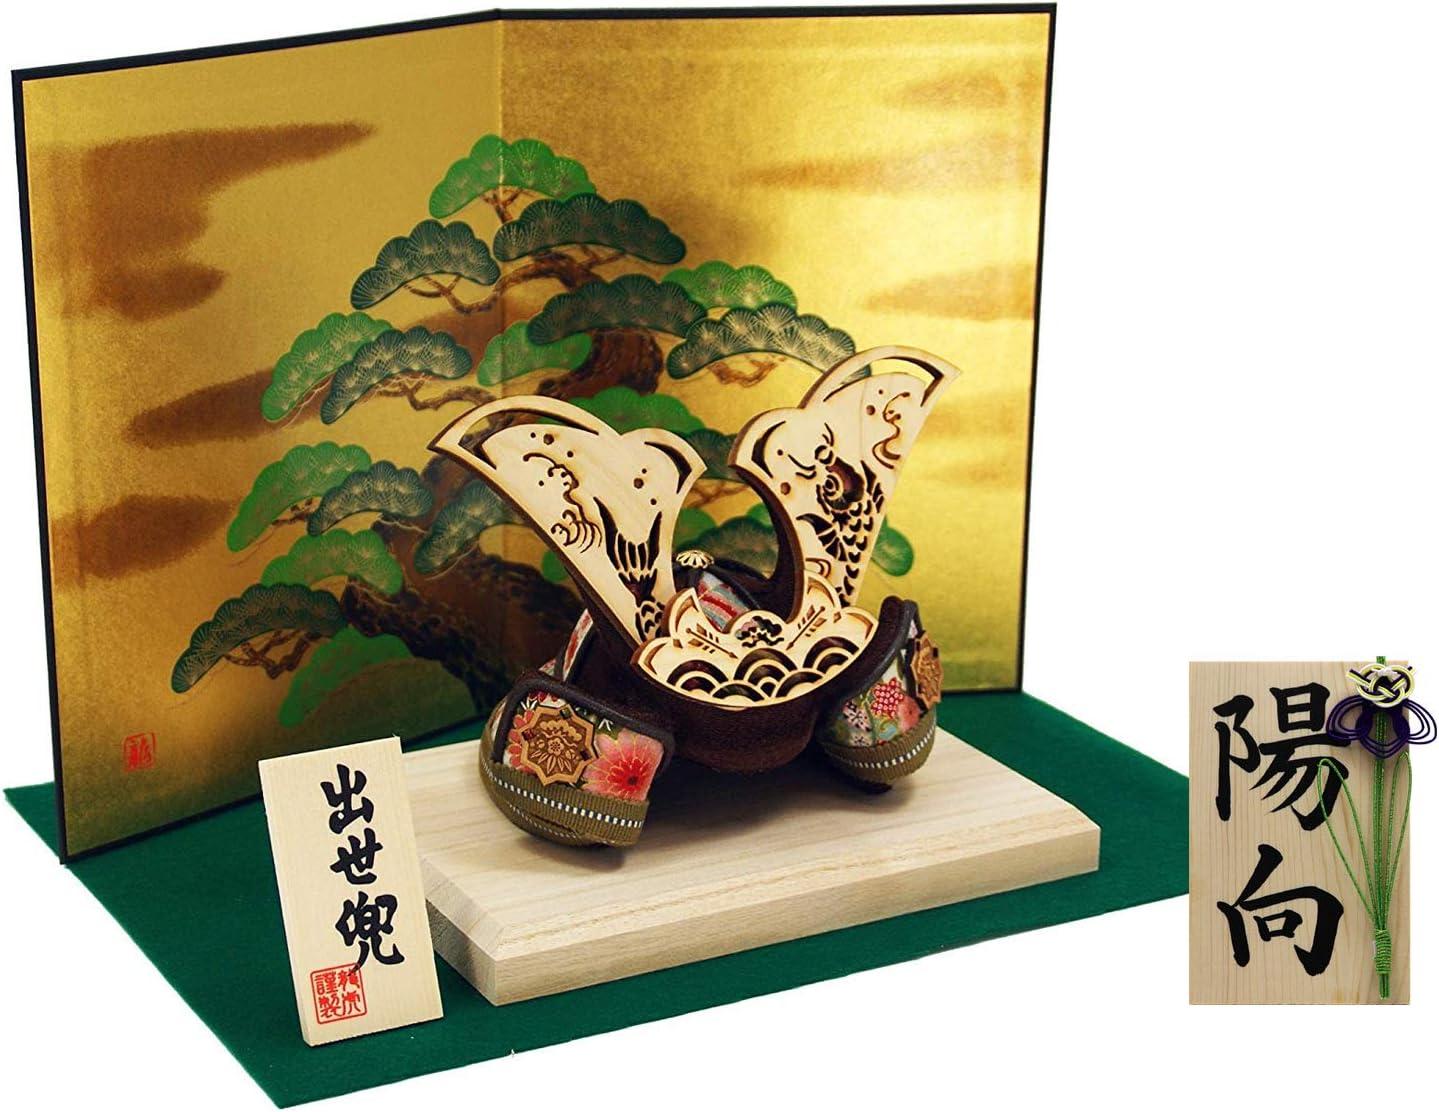 ちりめん 兜飾り 木製鍬形 松鯉兜 長生堂オリジナル名入れ木札(別送) ミニ 五月人形 兜 幅36cm リュウコドウ